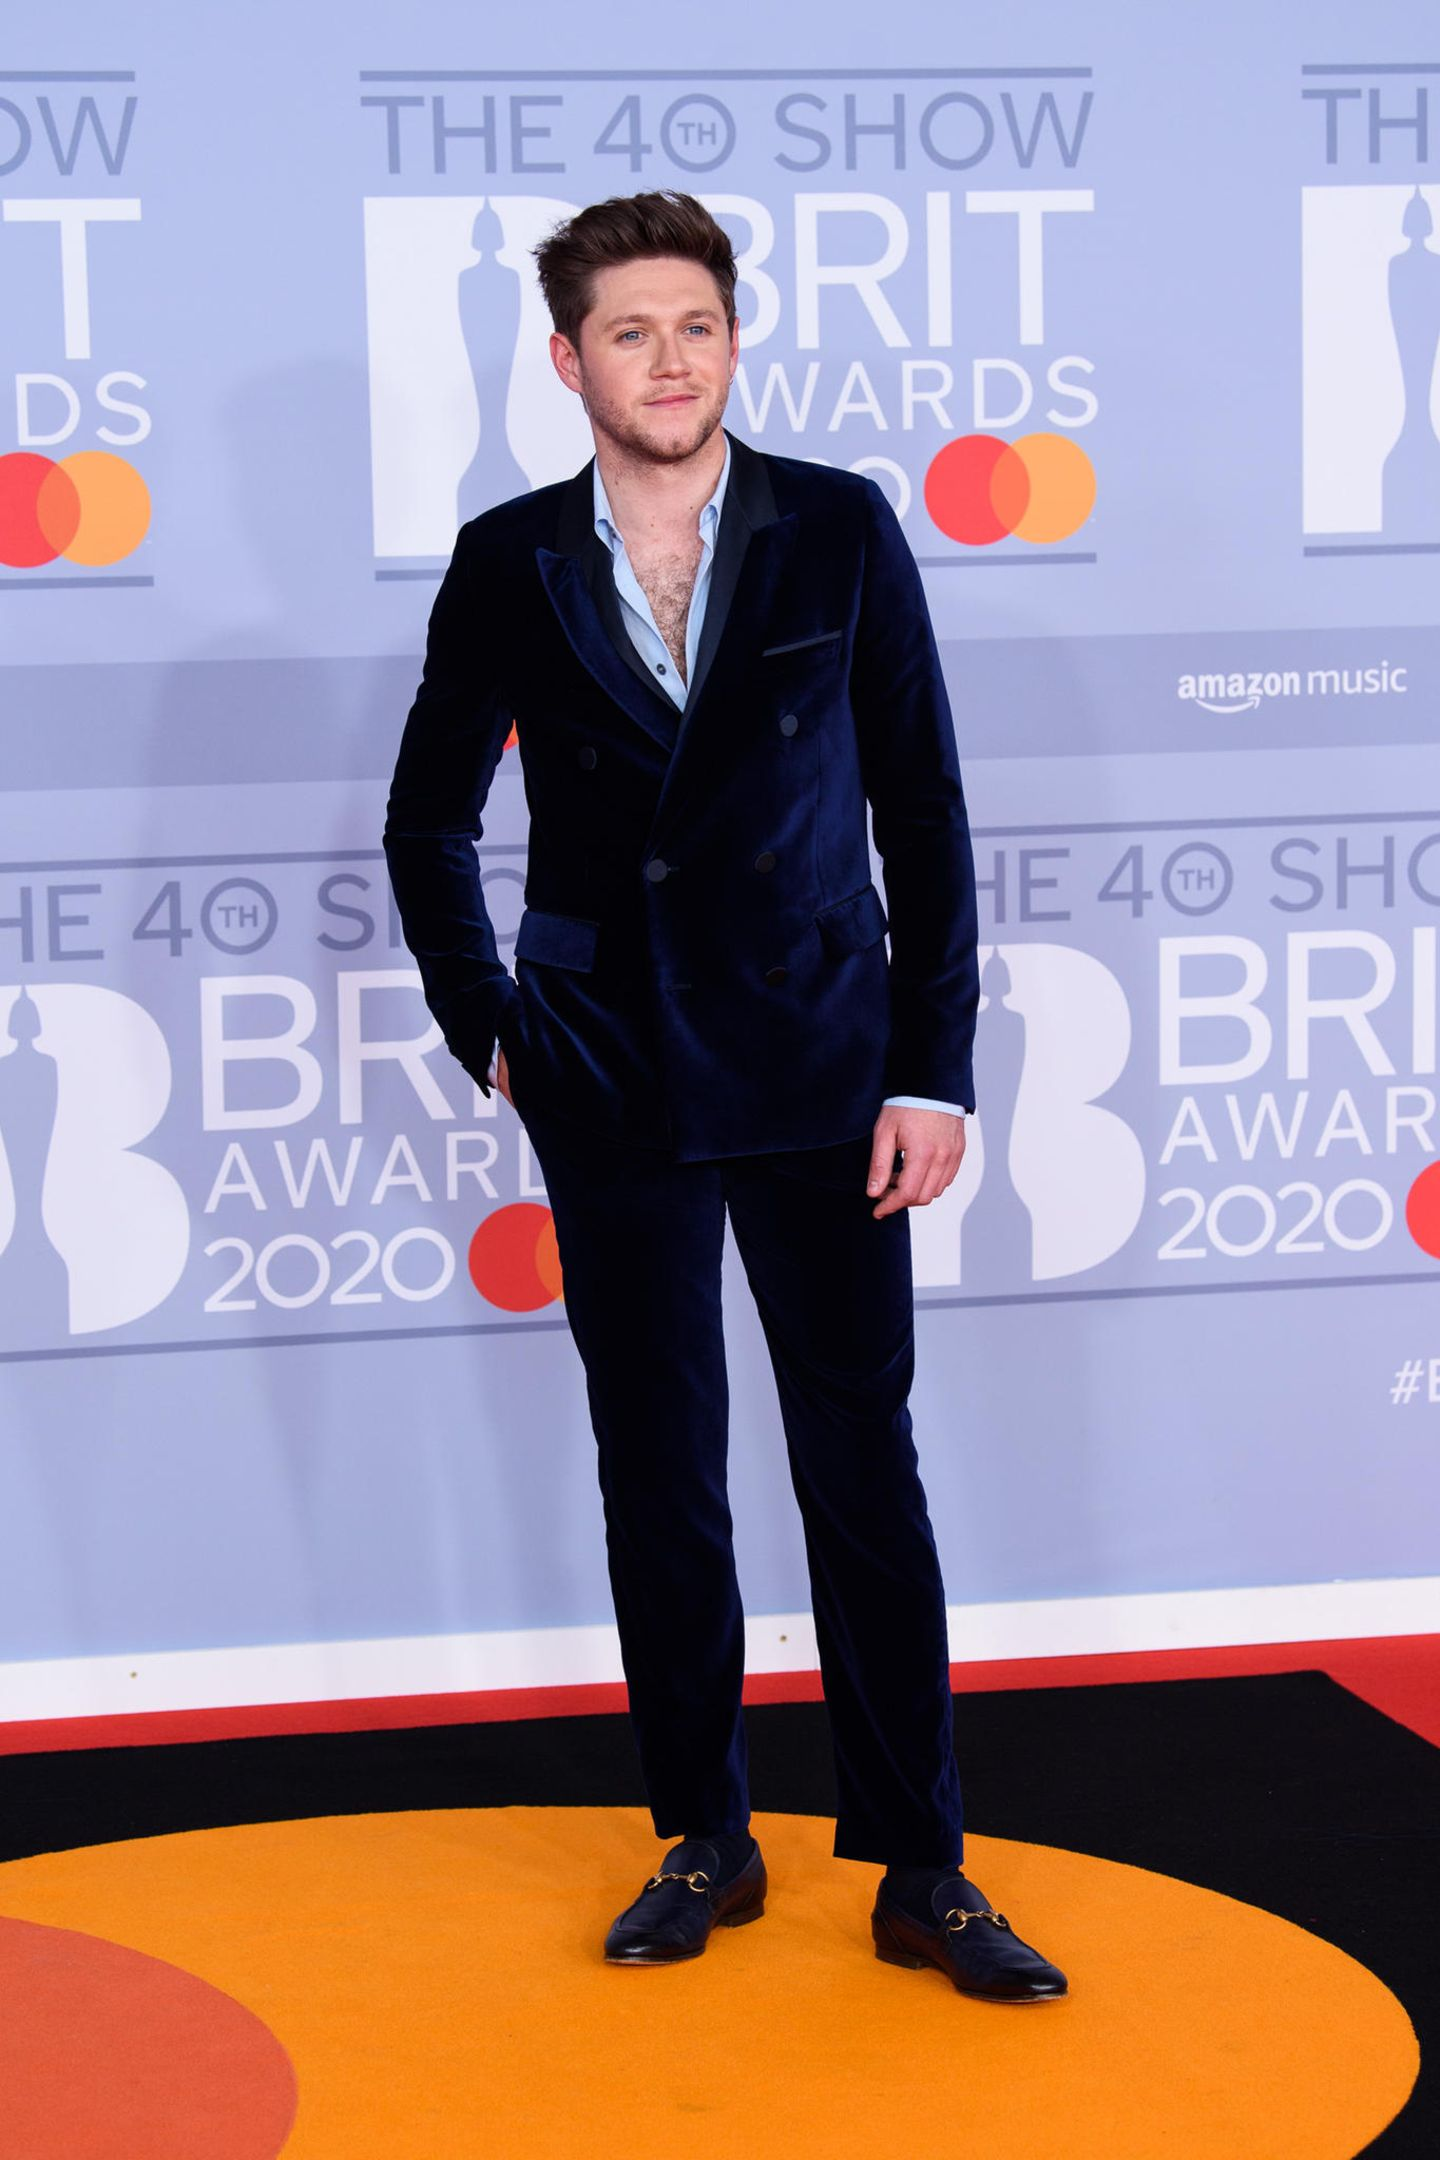 Nicht ganz so stylisch wie sein ehemaliger Bandkollege, aber immer noch nett anzusehen: Niall Horan in einem dunkelblauen Samt-Zweireiher.